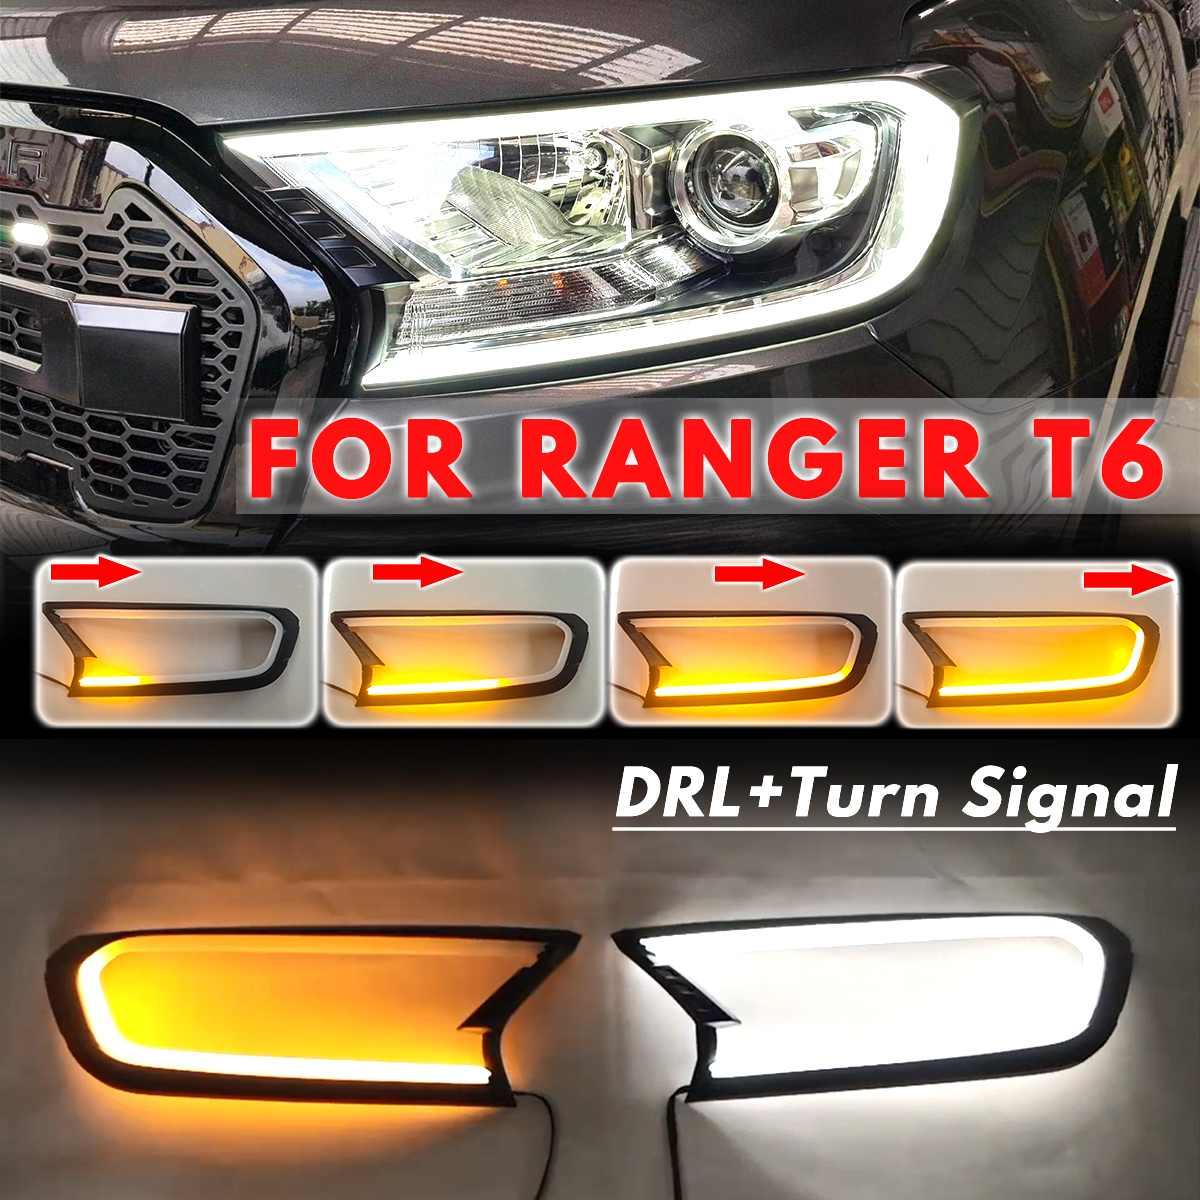 3 סגנון 2x LED ראש אור קדמי מעטפת כיסוי Trim לפורד ריינג 'ר T6 WILDTRAK 2015 2016 2017 2018 ABS מנורת ברדסים